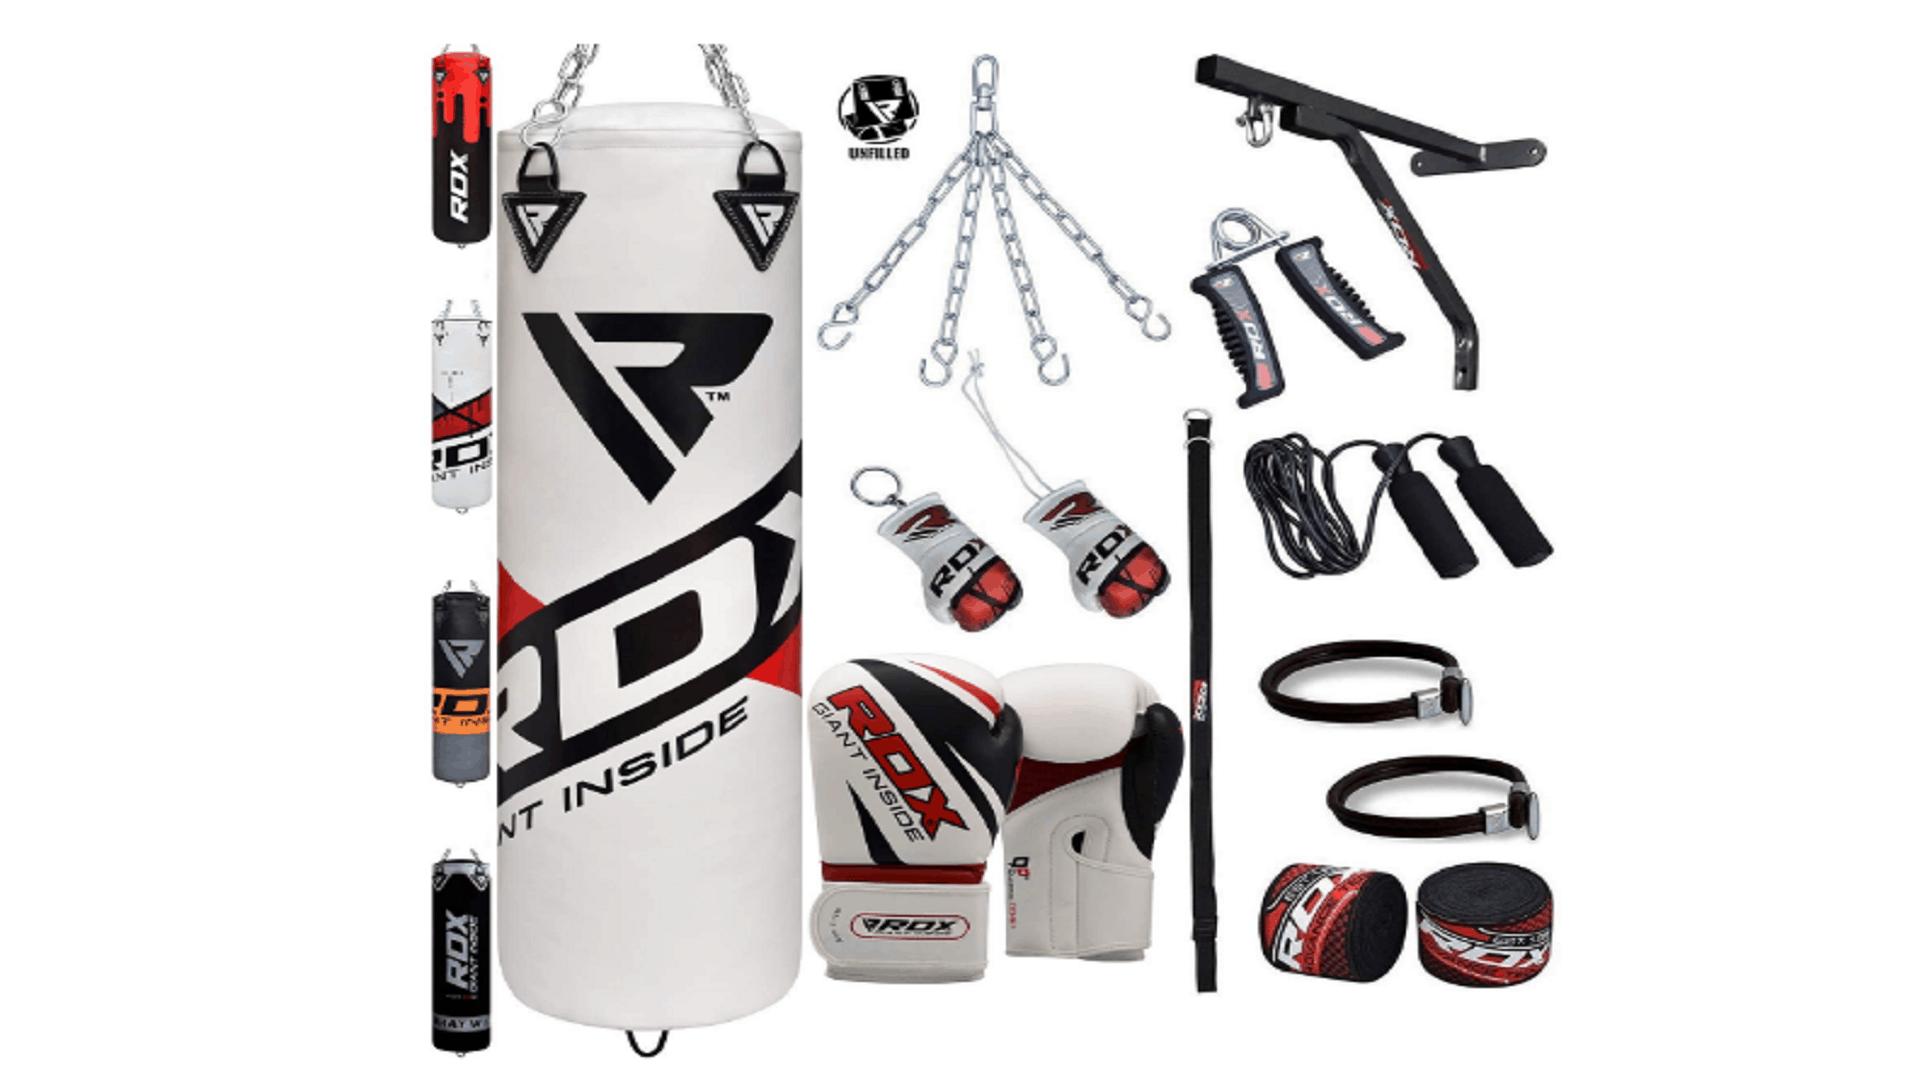 rdx heavy bag kit